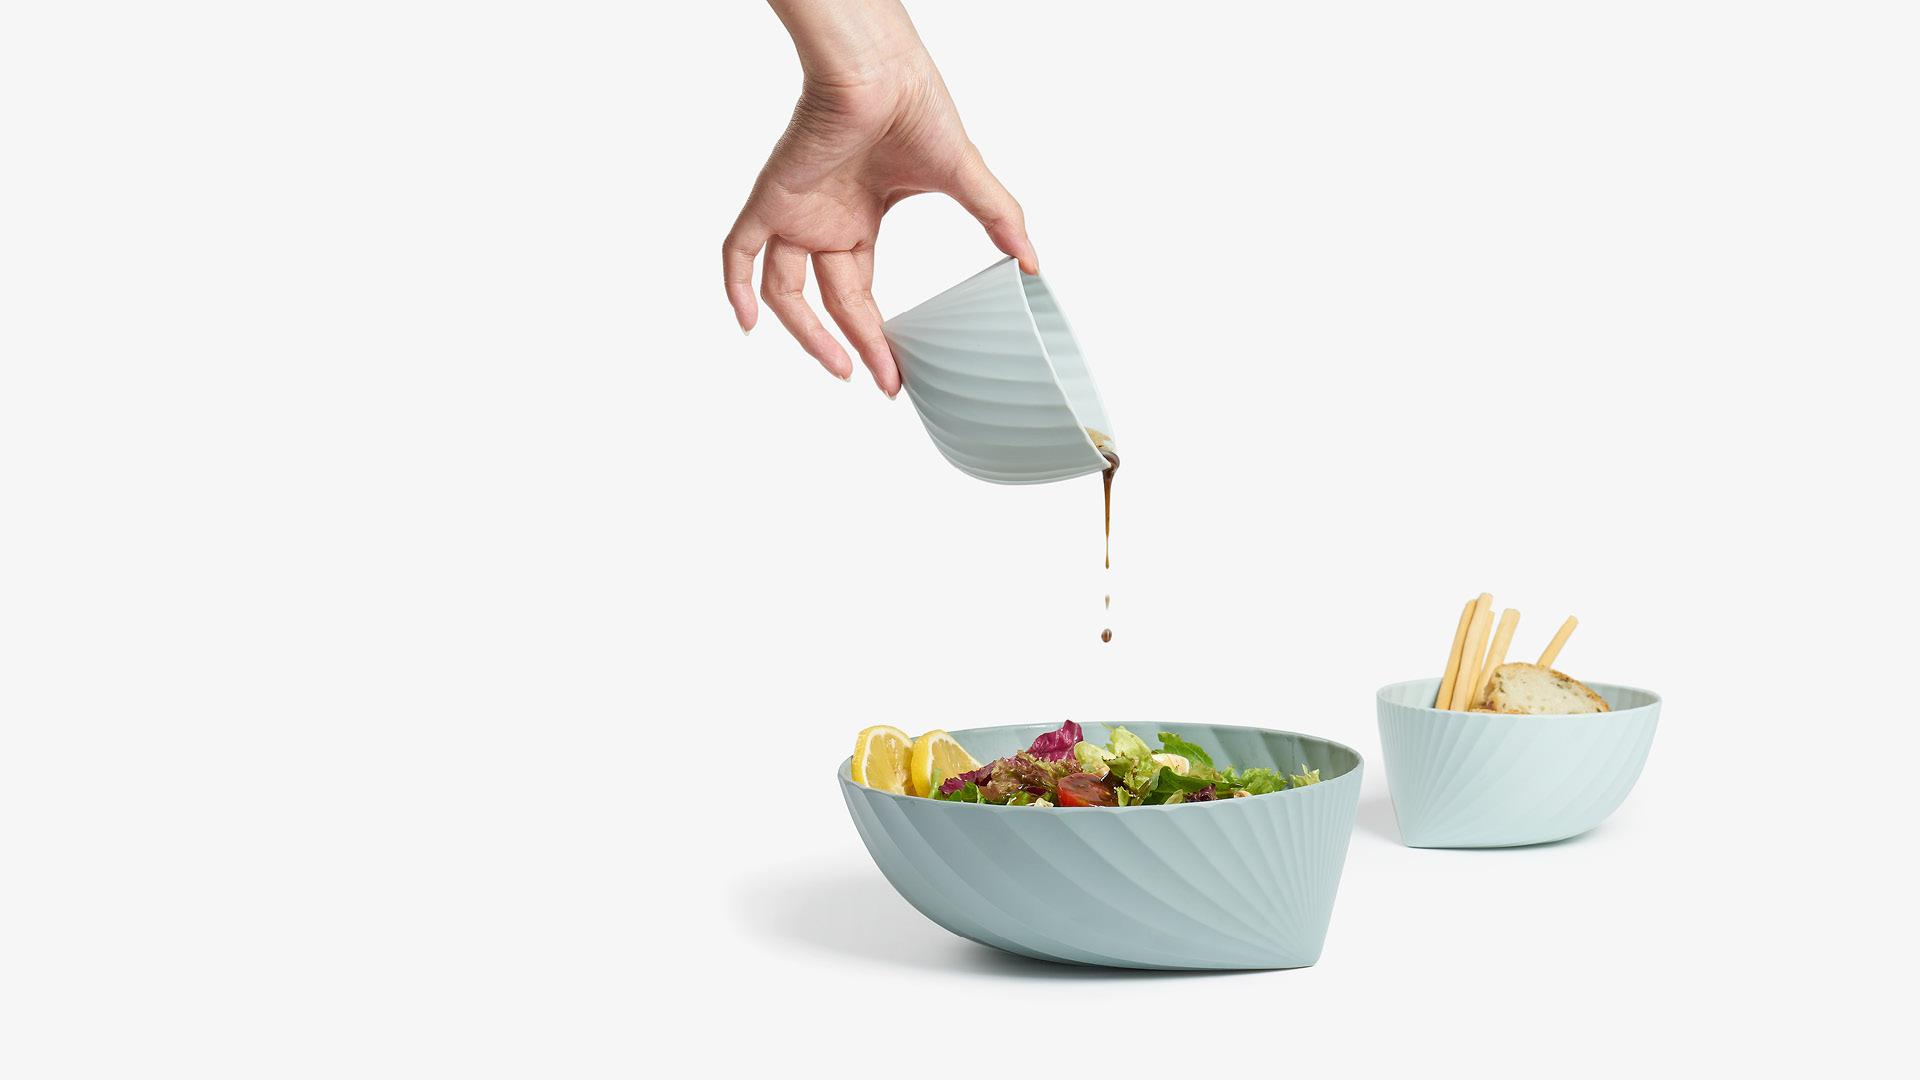 7.加入食物制作的动感,或人物参与感,拉近和食物的距离,享受美食时的愉悦亲切也呼之欲出。